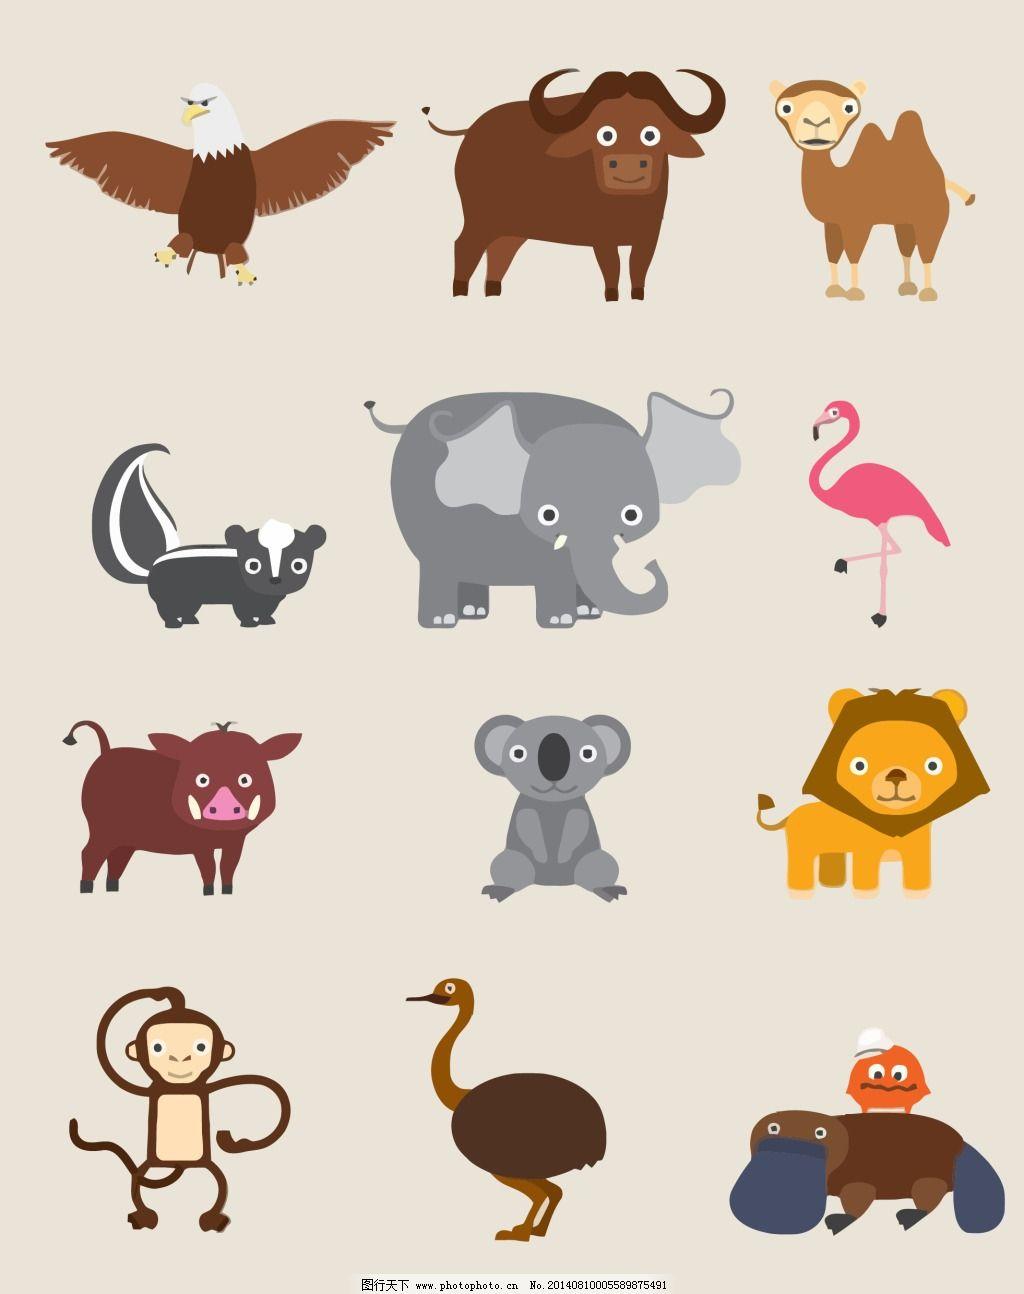 卡通动物素材免费下载